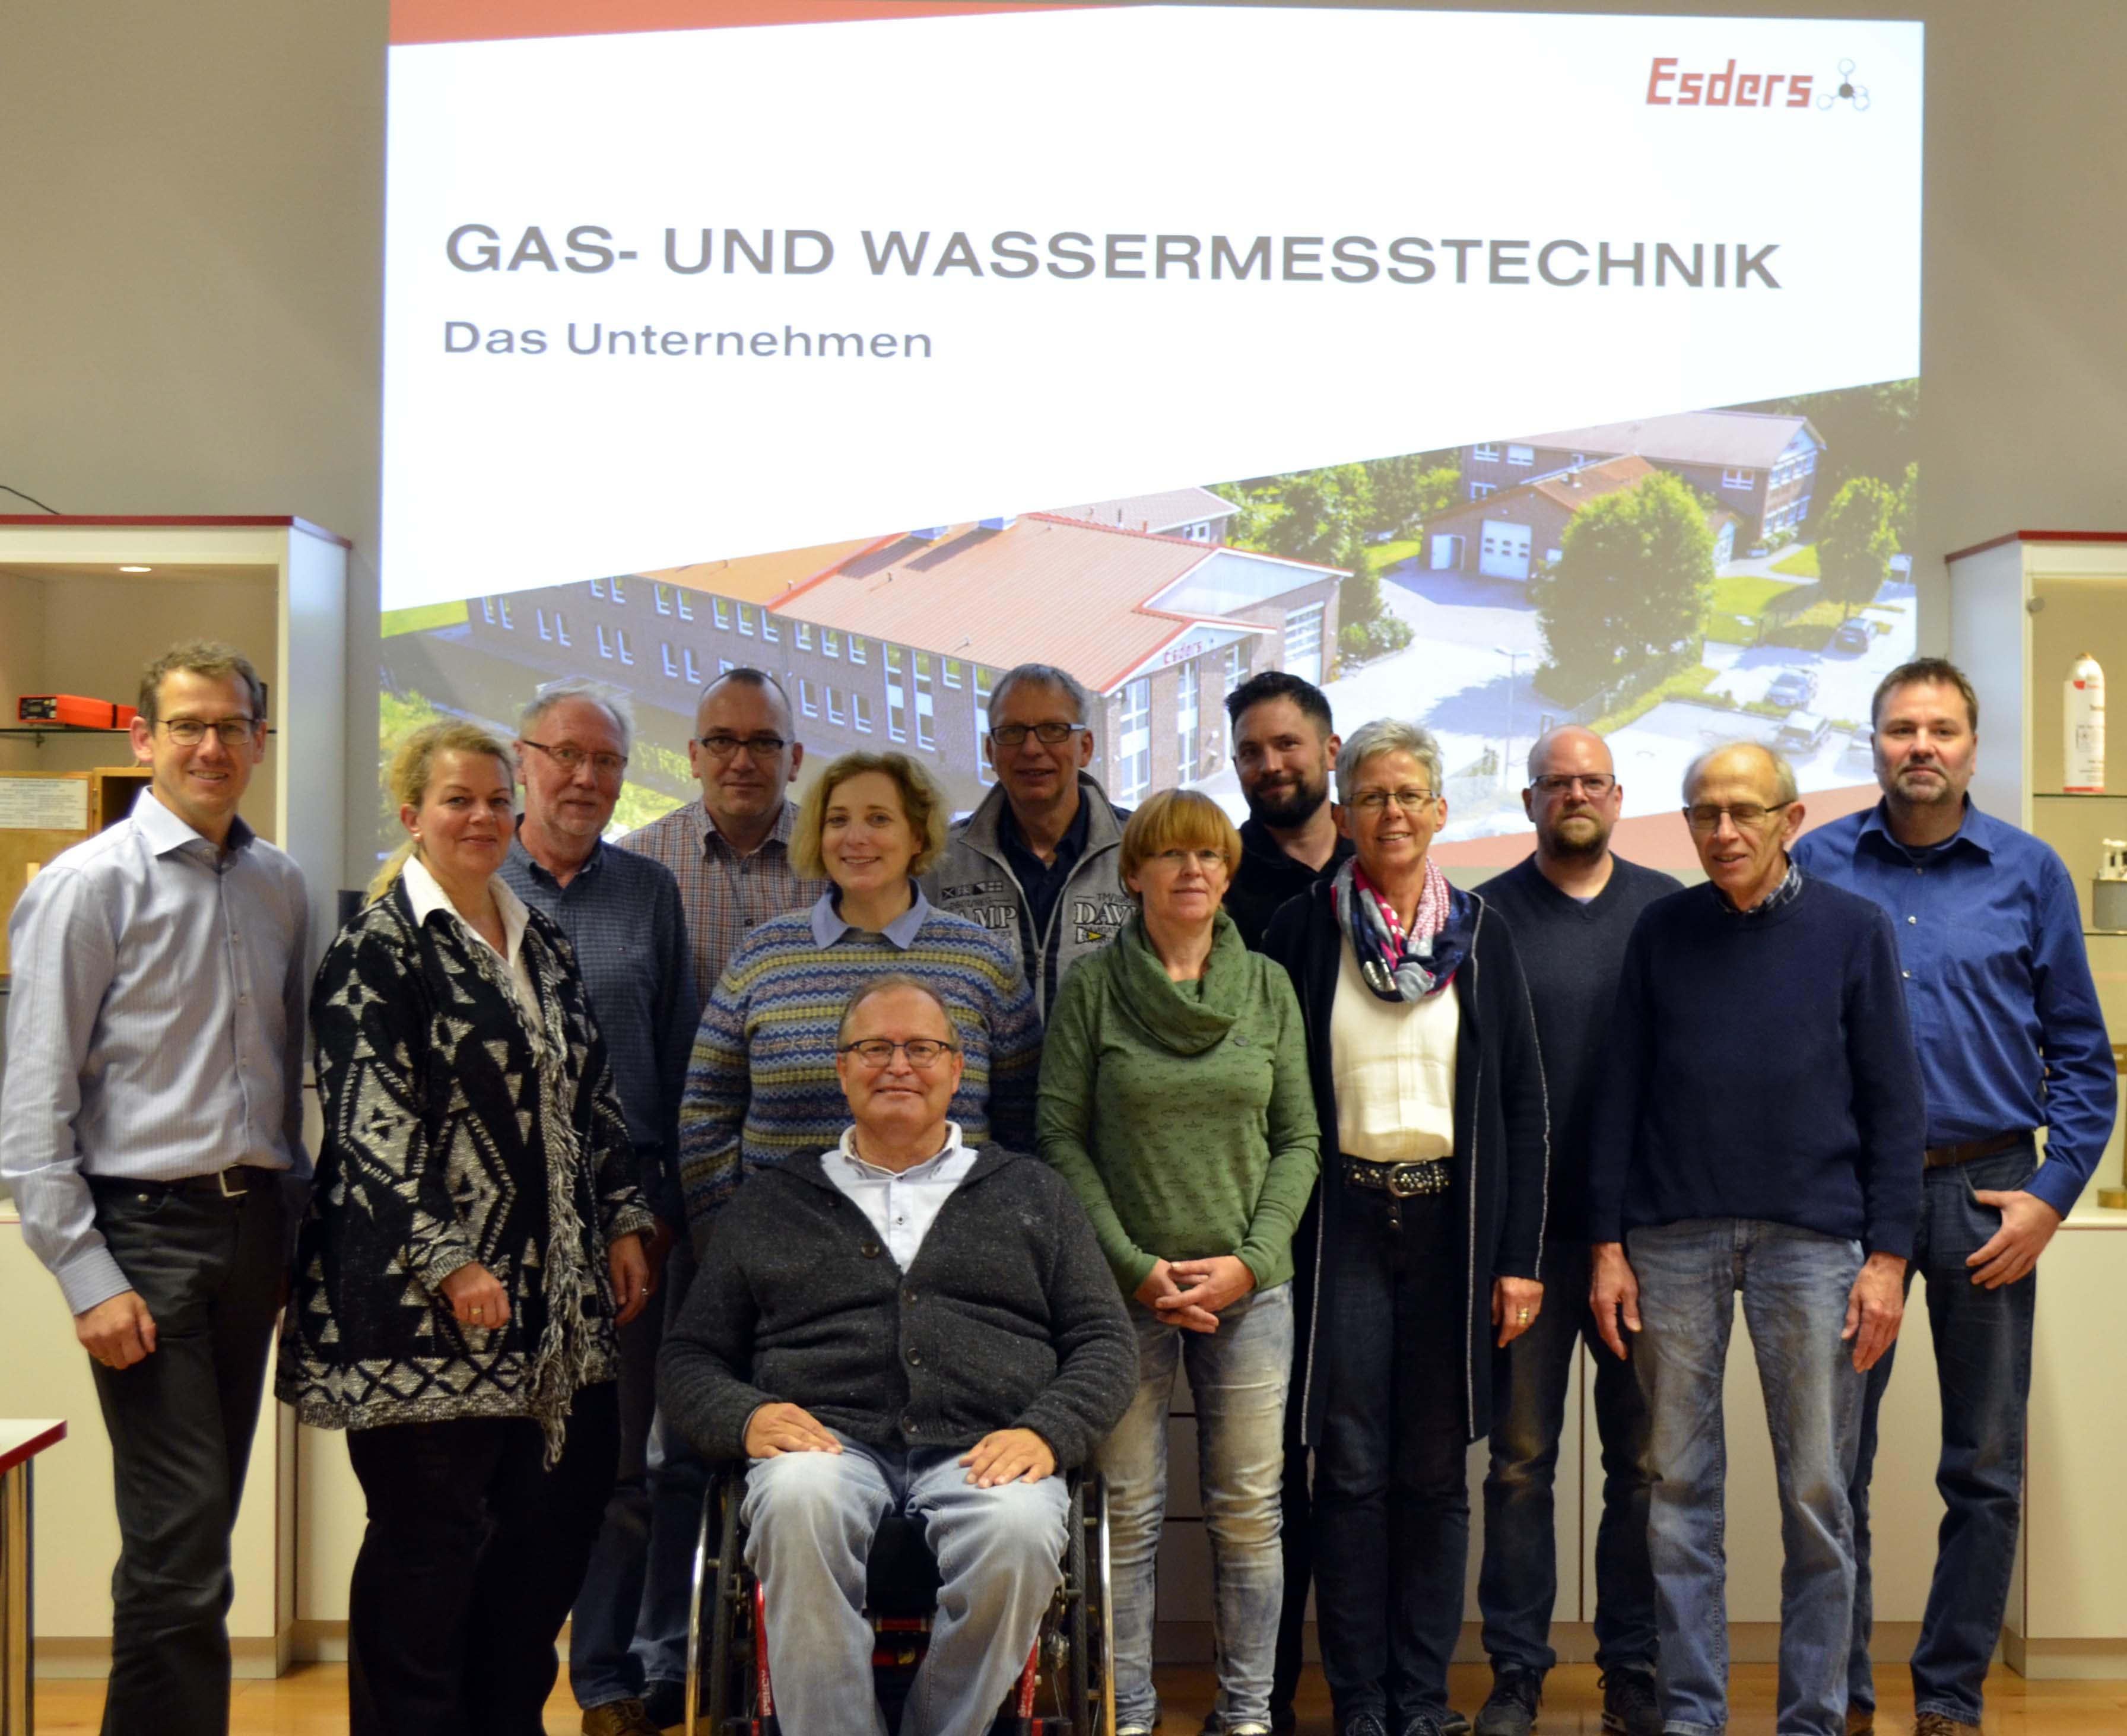 Dr. Daniela De Ridder mit den Genossinnen und Genossen aus Haselünne zu Gast bei der Firma Esders